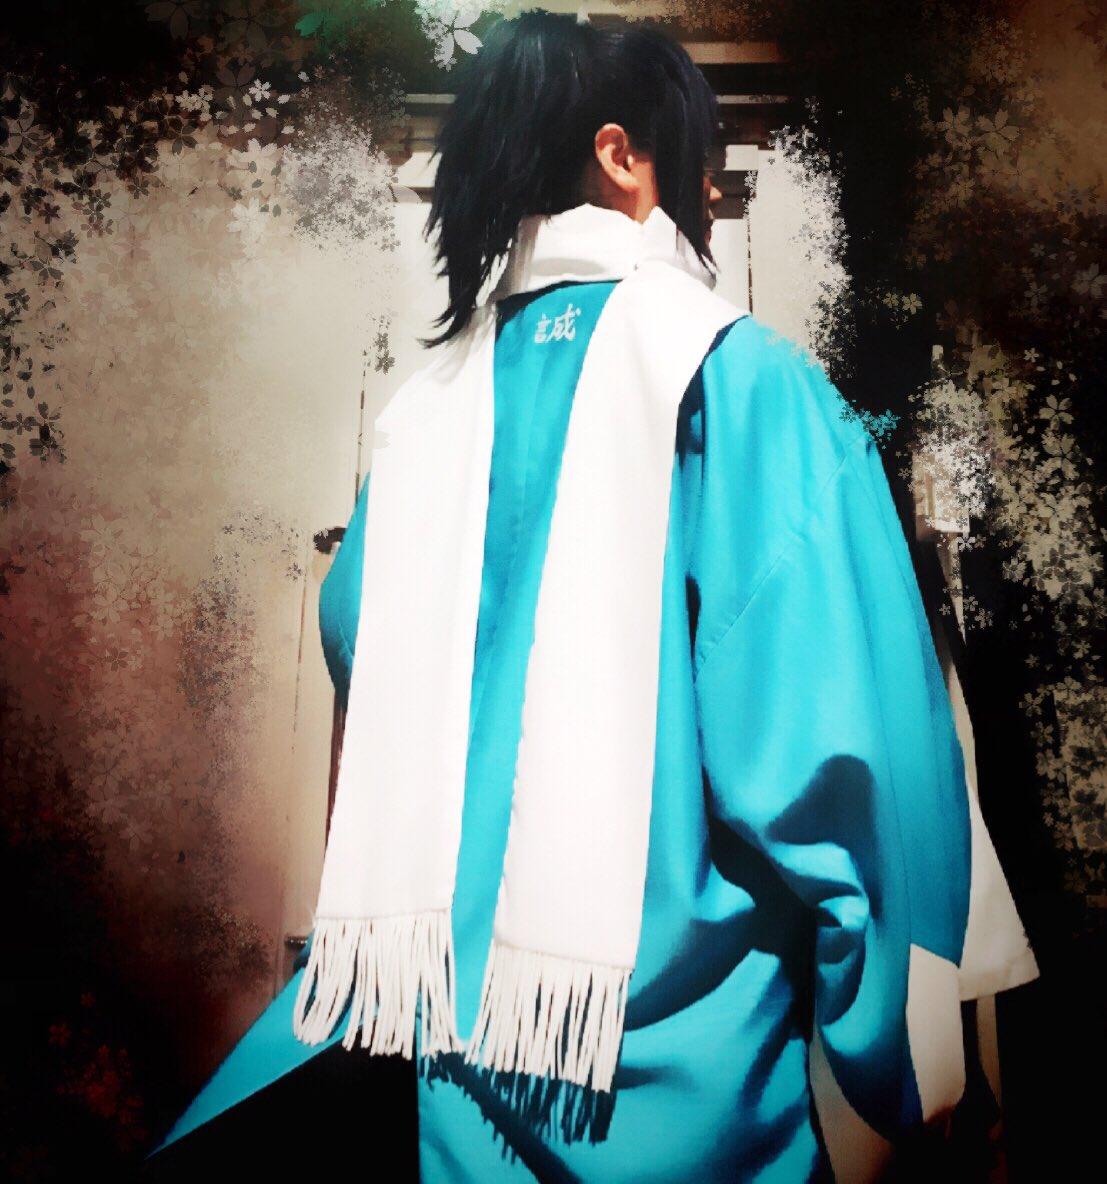 東京千秋楽終了致しました。 皆様、ありがとうございました。 さて、遠征だ、、、の前に、、、。